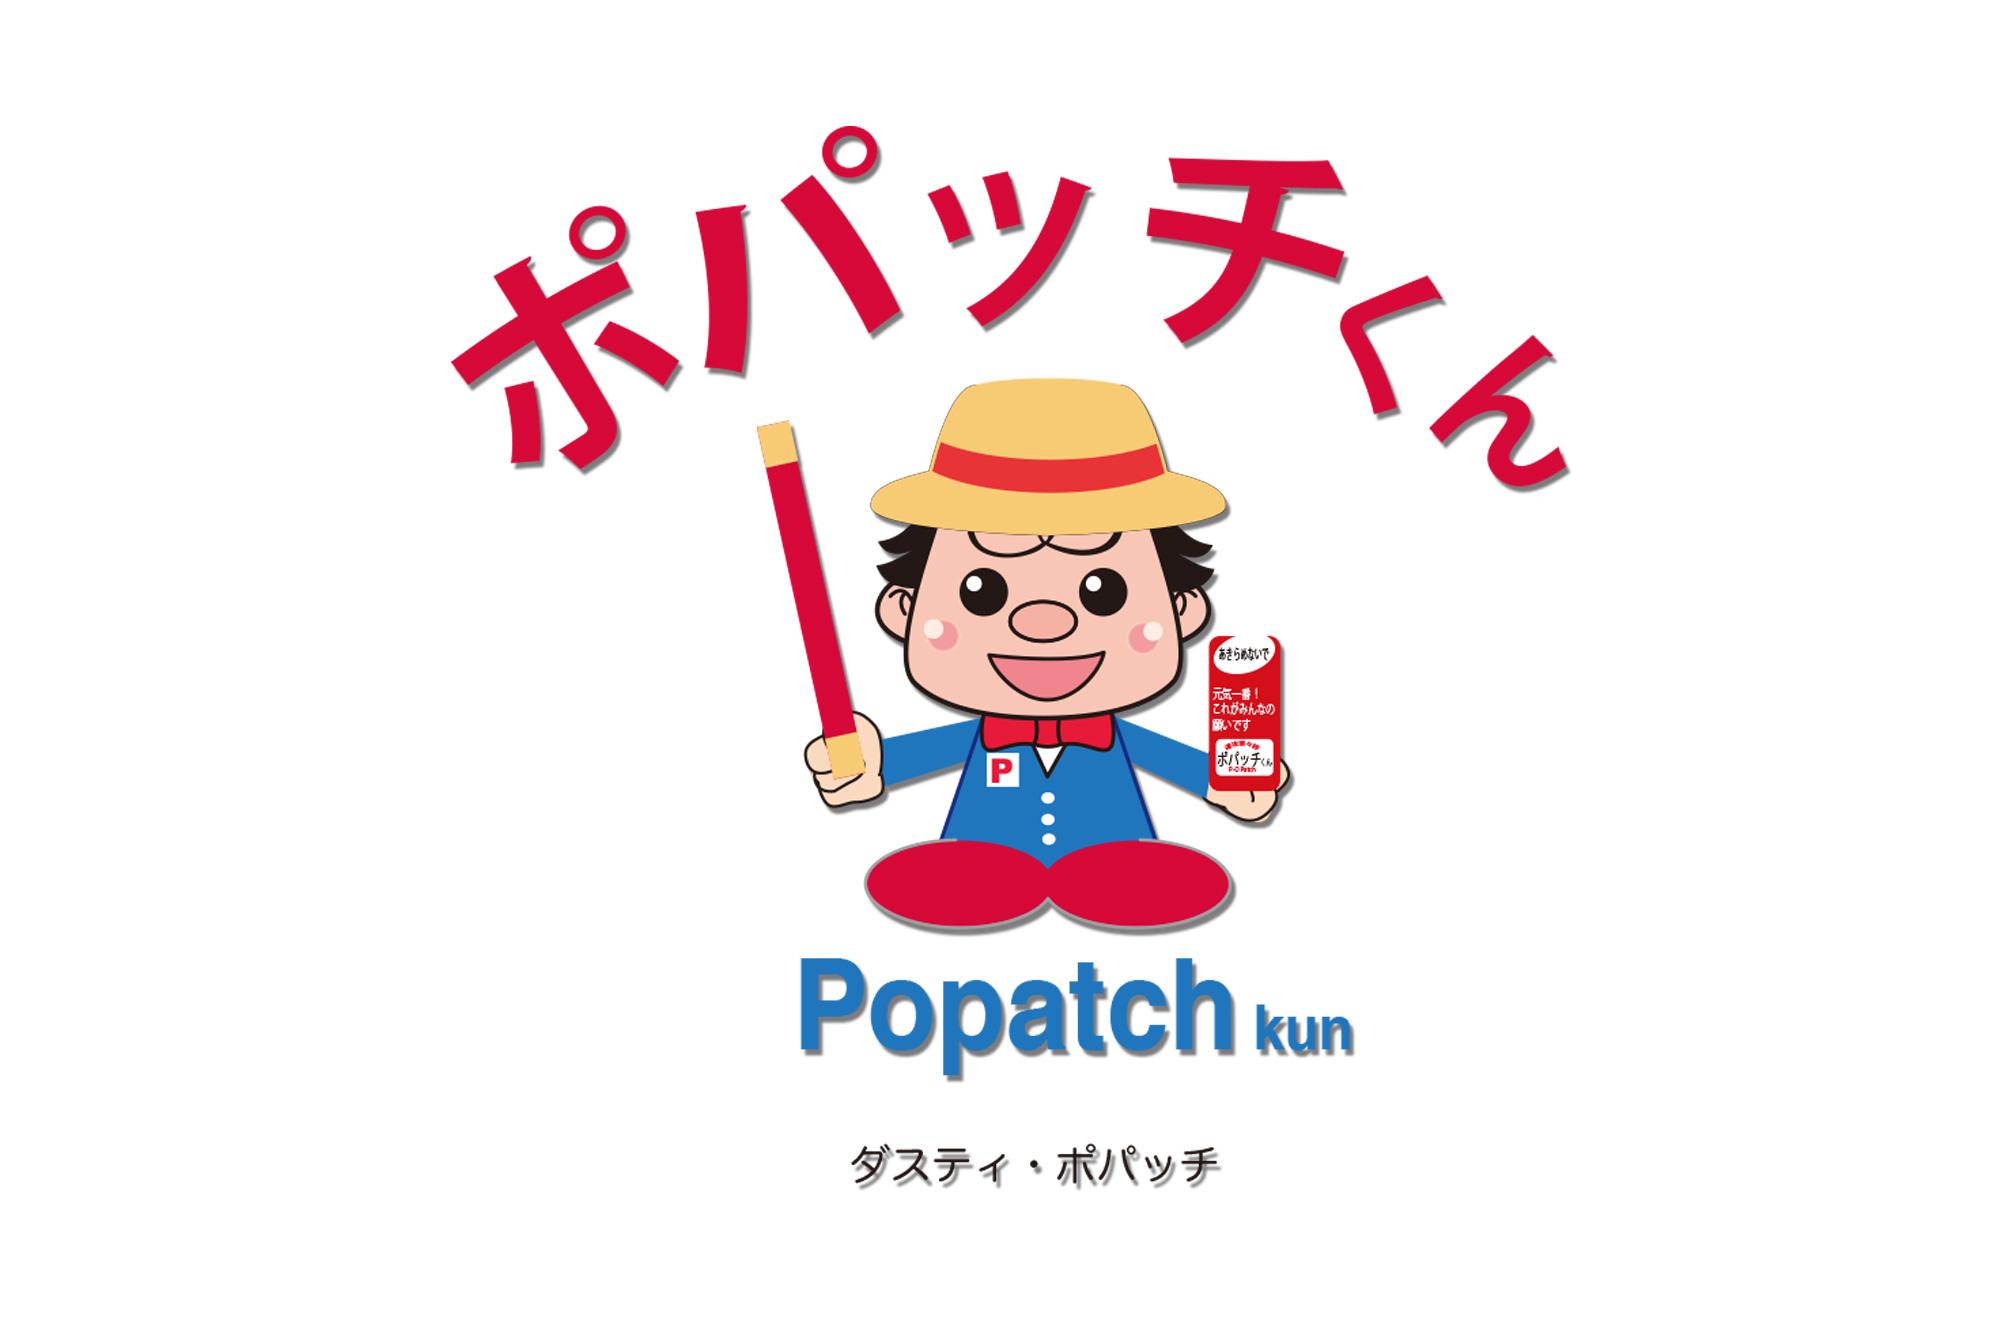 商品キャラクター(ポパッチくん)